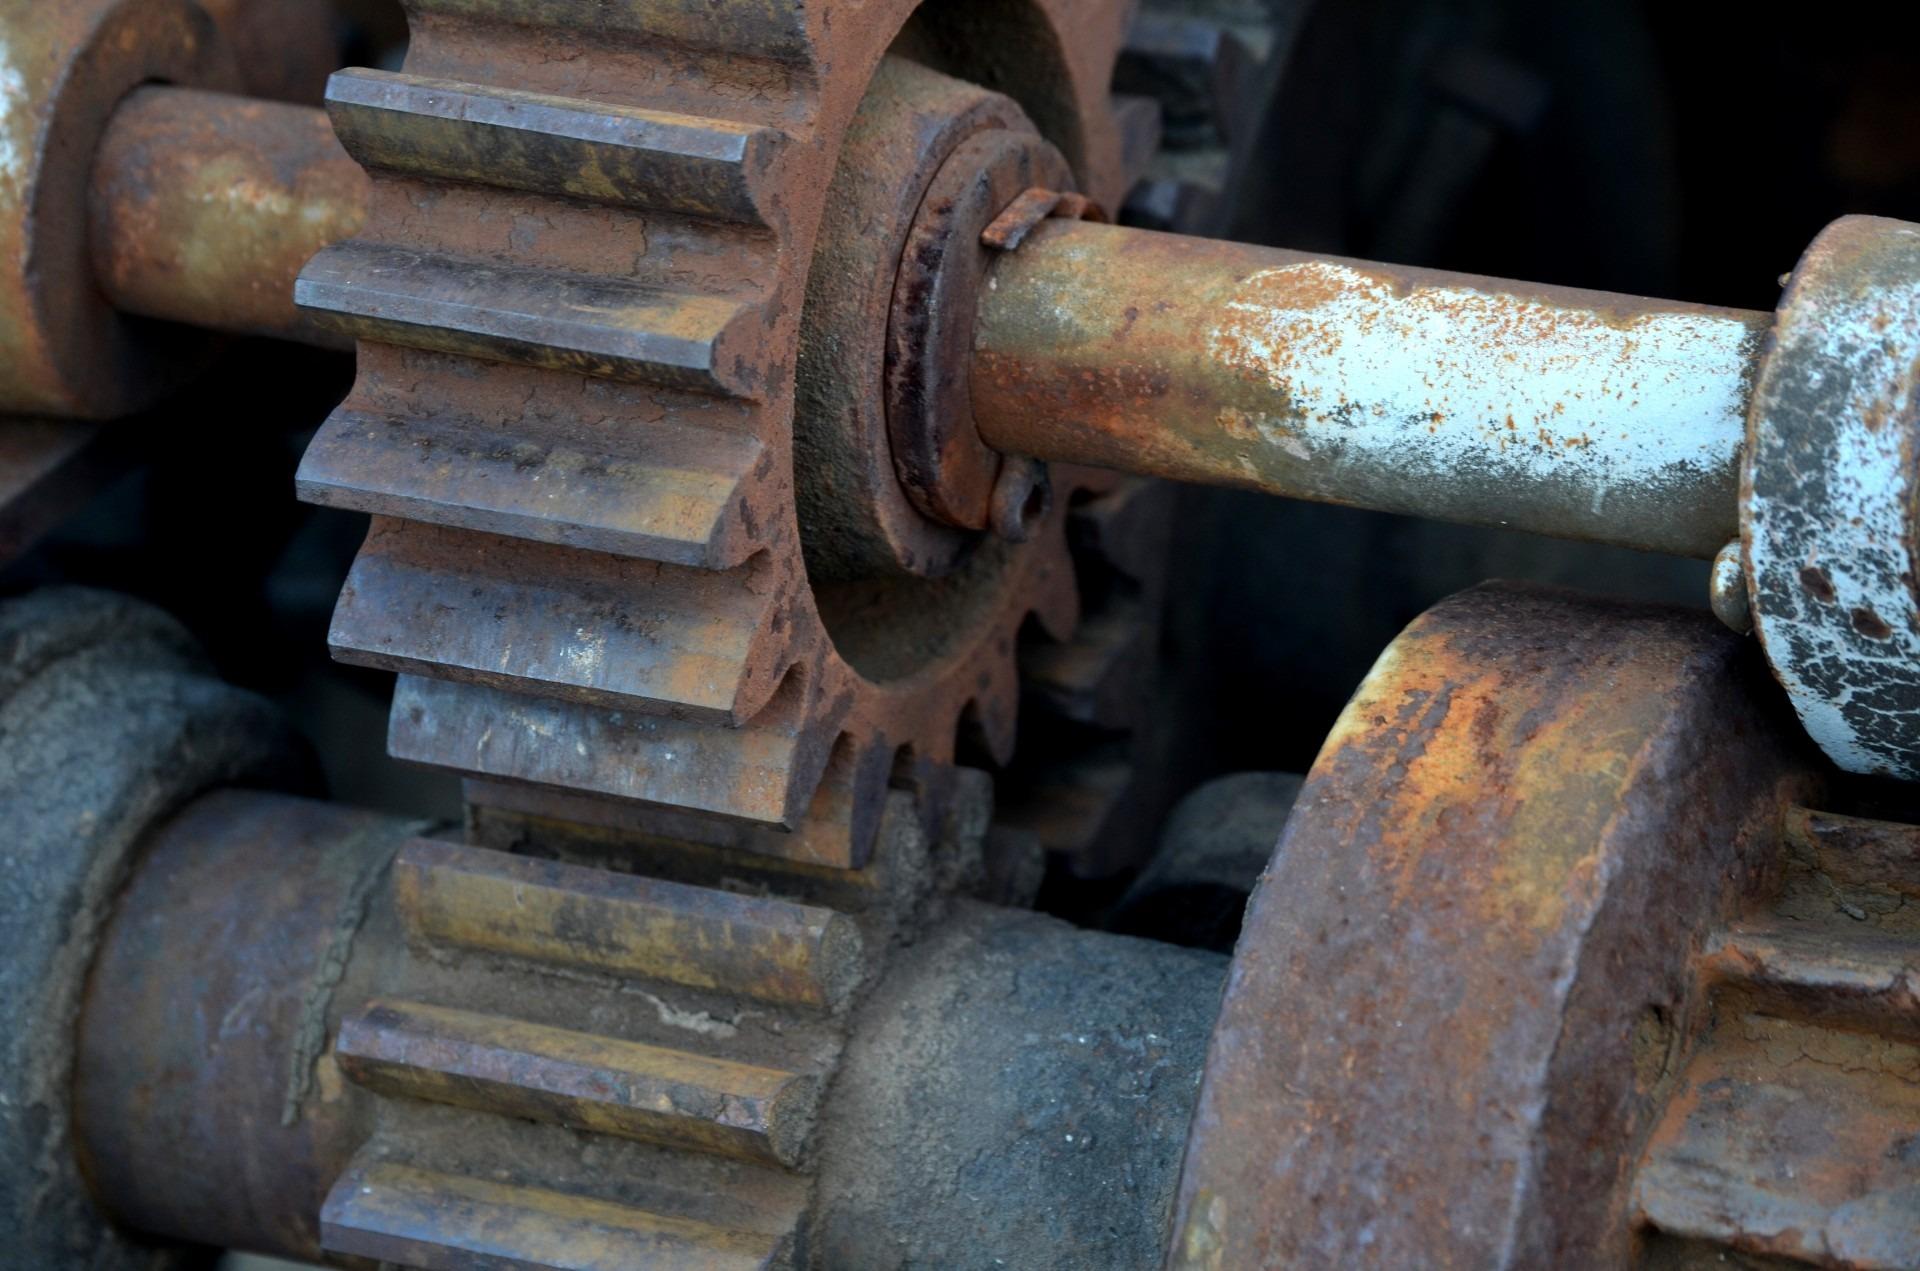 Imagem de destaque sobre Tipos de corrosão mais comuns na indústria do petróleo